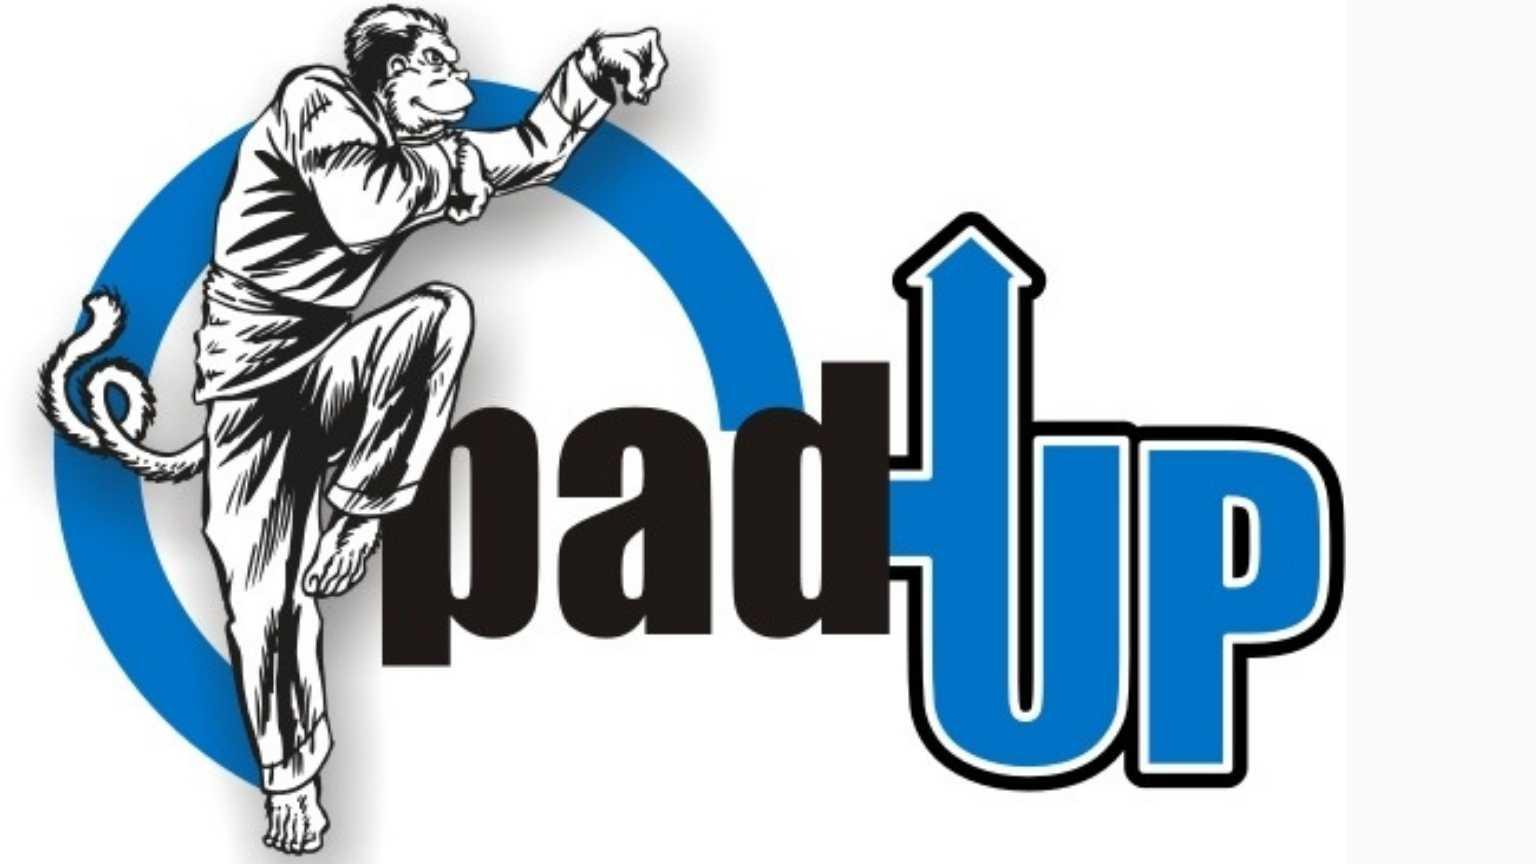 pad-up martial arts